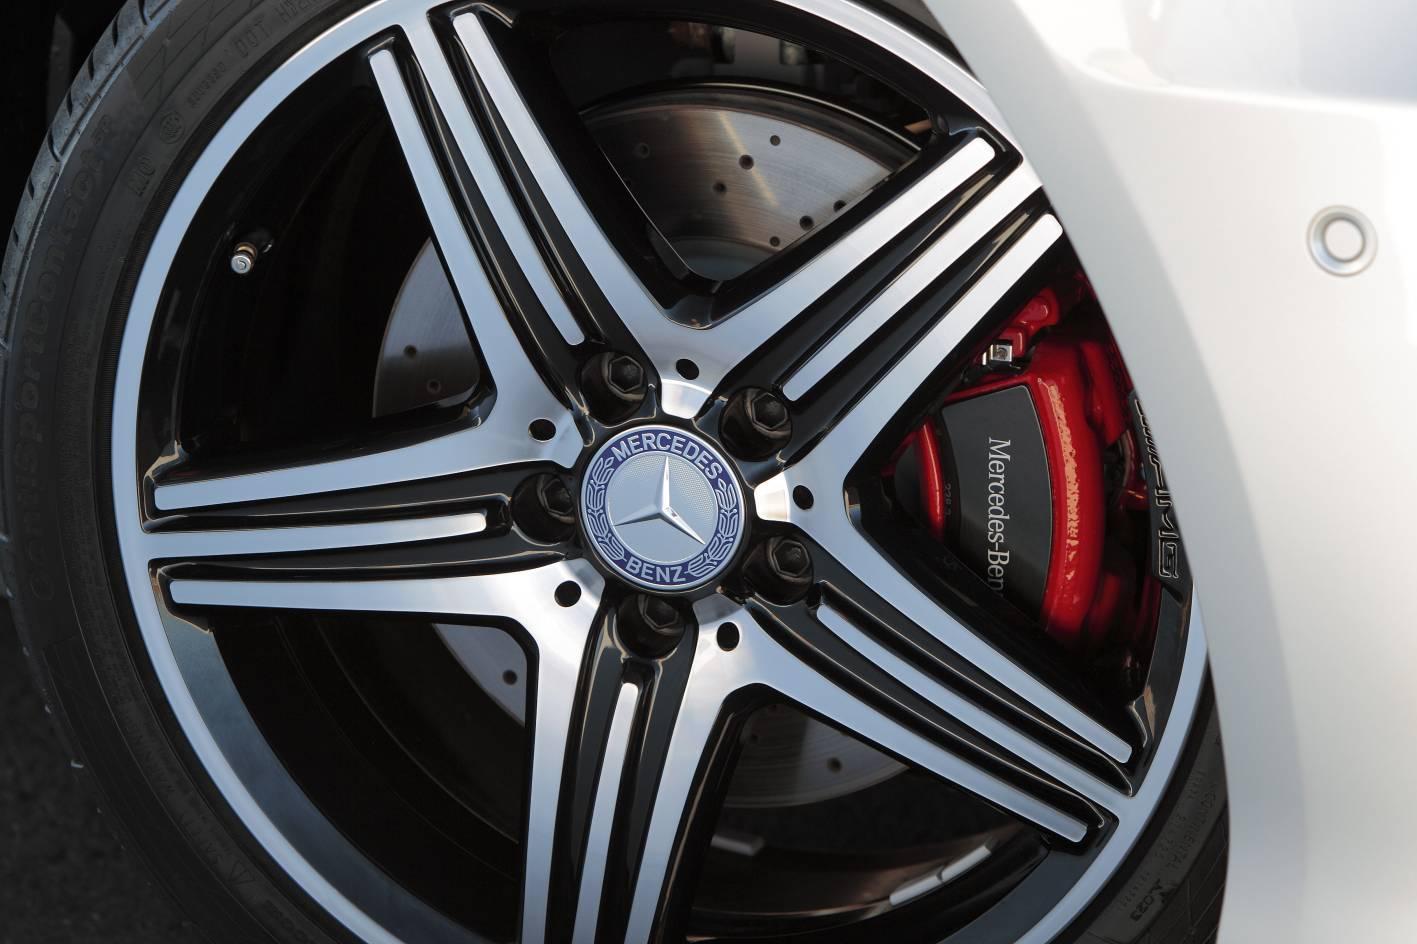 Mercedes Benz Cla >> Mercedes-Benz A250 Sport Review - photos | CarAdvice